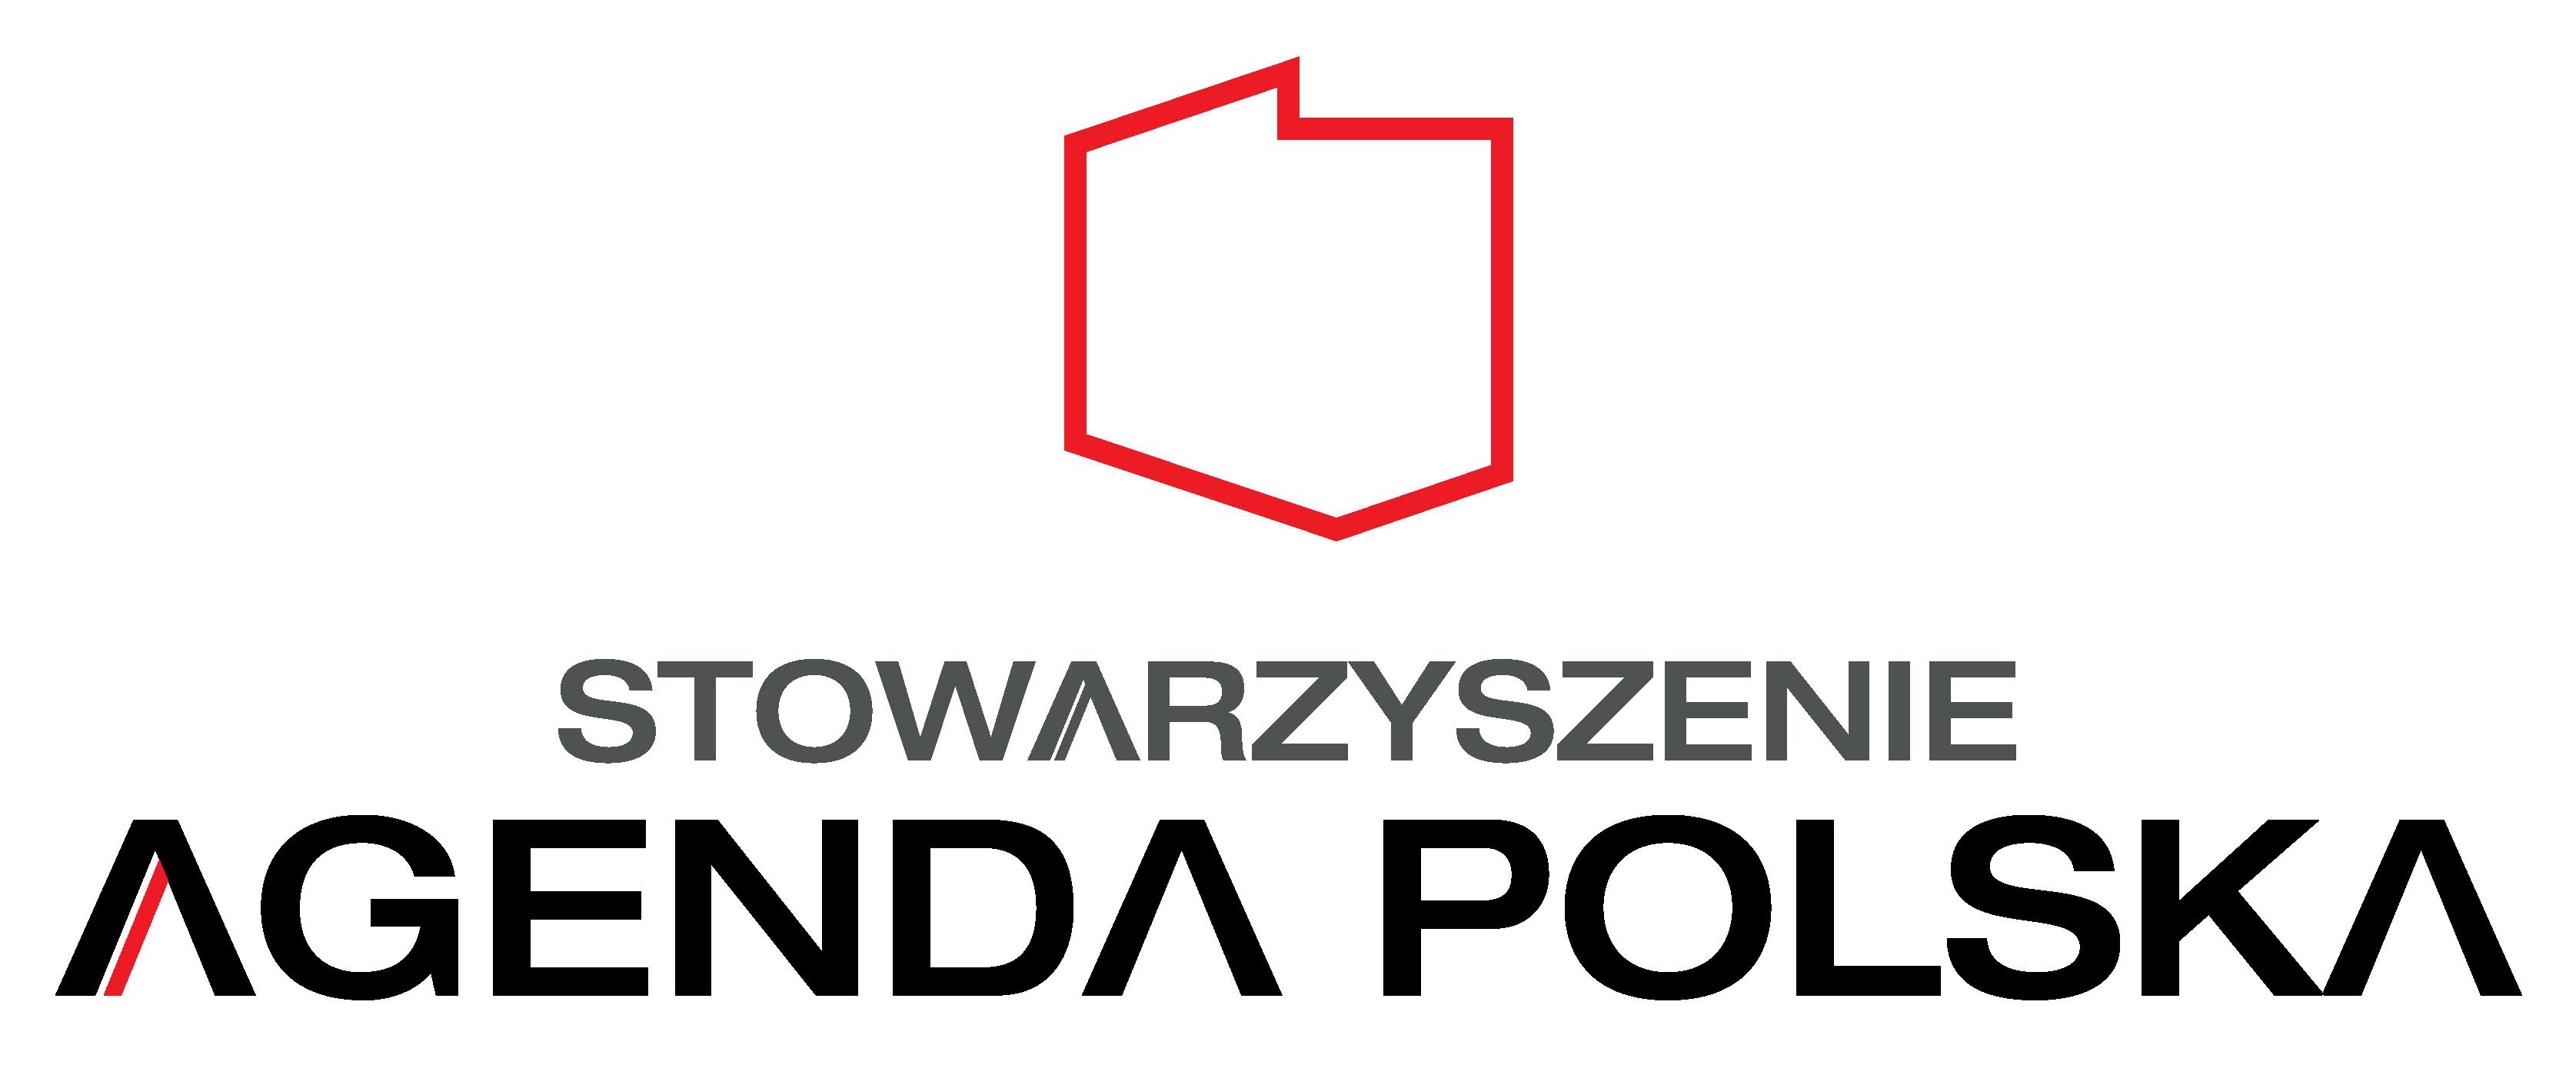 Stowarzyszenie Agenda Polska